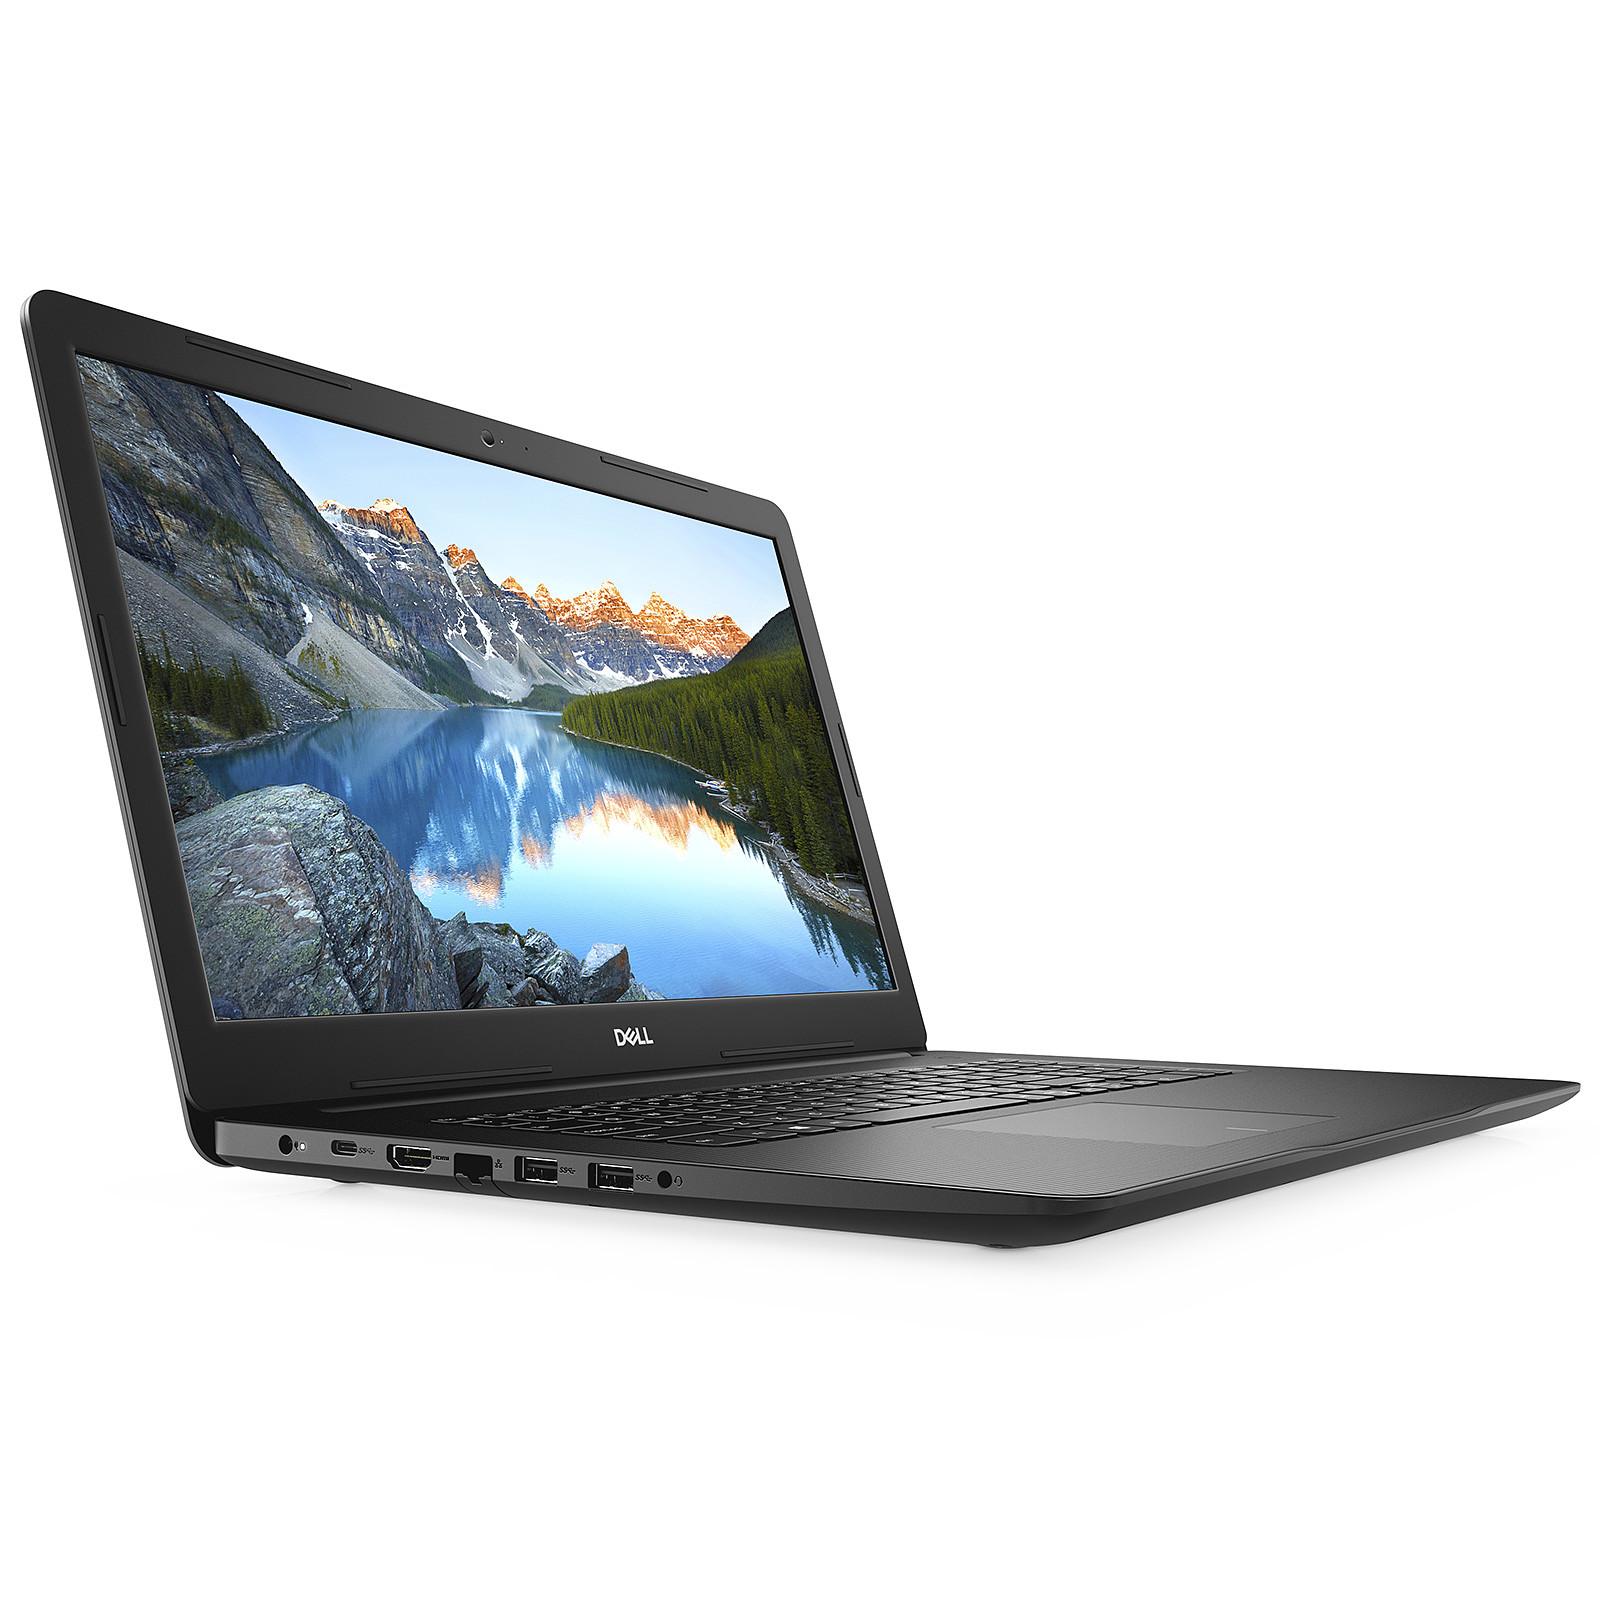 Dell Inspiron 17 3793 (3793-9656)